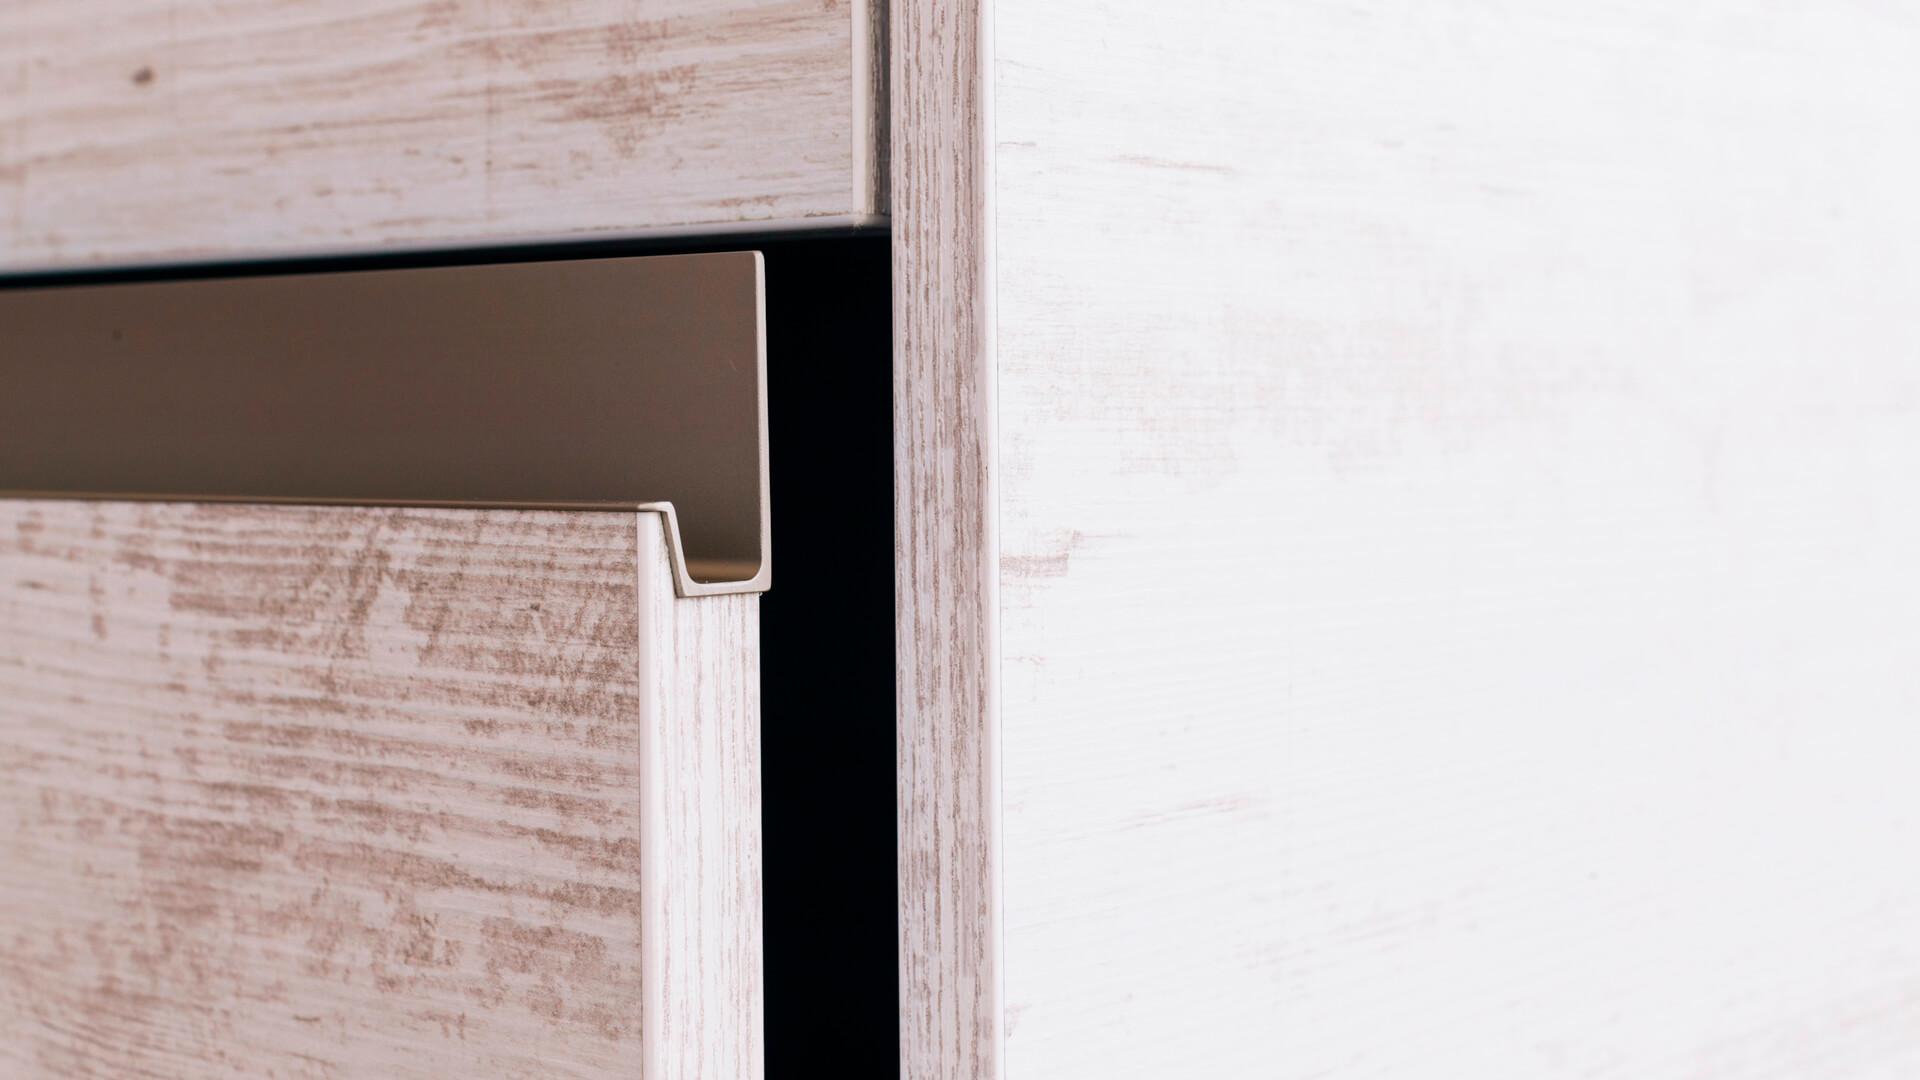 Full Size of Möbelgriffe Küche Gardinen Für Die Schrankküche Unterschrank Einbauküche Weiss Hochglanz Sprüche Treteimer Fliesenspiegel Glas Wasserhahn Müllsystem Küche Möbelgriffe Küche